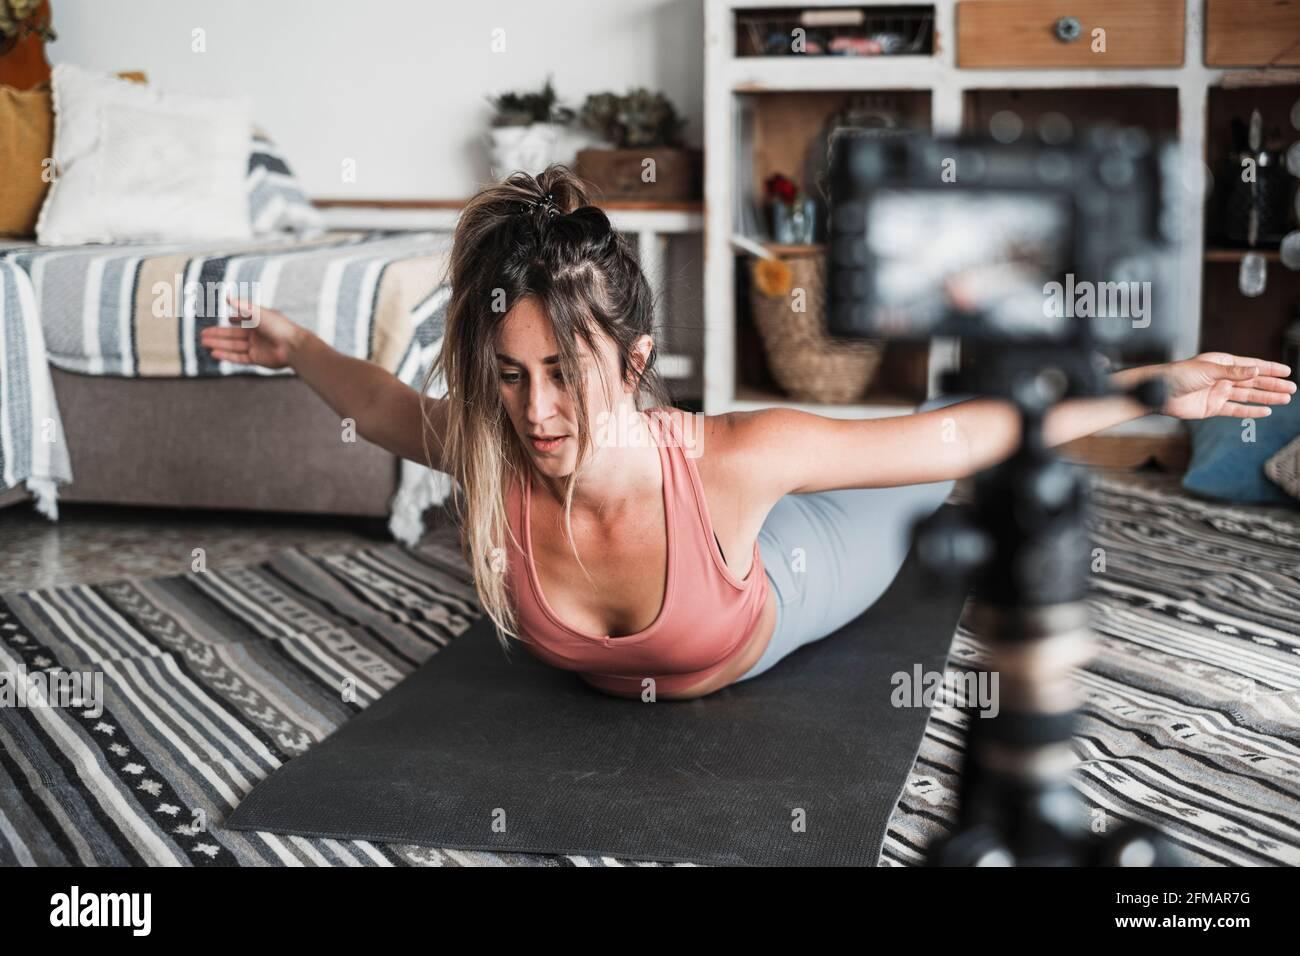 Jeune femme s'exerçant à la maison faisant pilates et l'enregistrement à elle dispose d'un appareil photo numérique pour enseigner l'entraînement et produire du web classe - créateur de contenu affaires libre sain style de vie personnes concept Banque D'Images